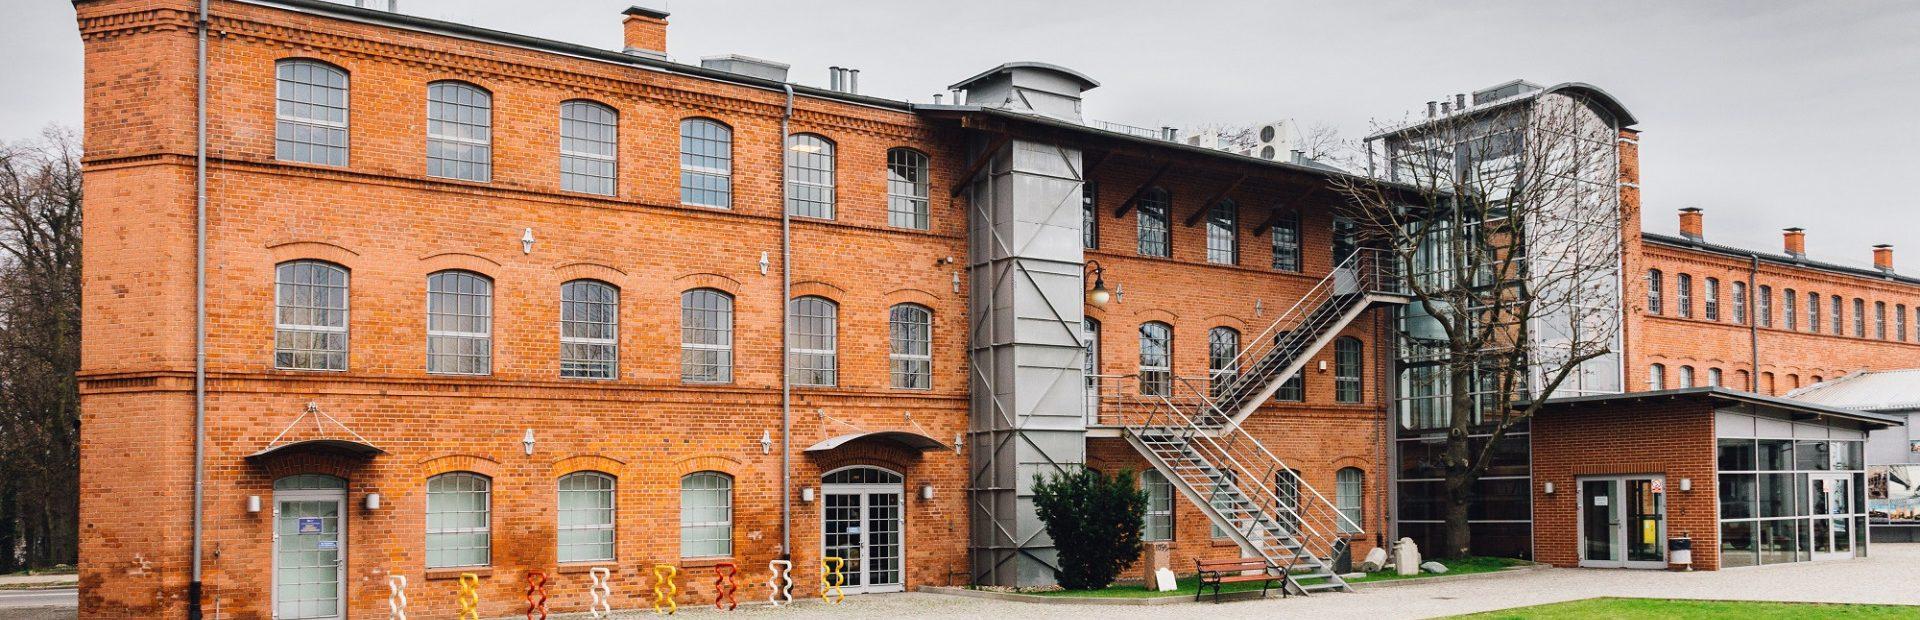 Muzeum Wisły w Tczewie (oddział Narodowego Muzeum Morskiego)